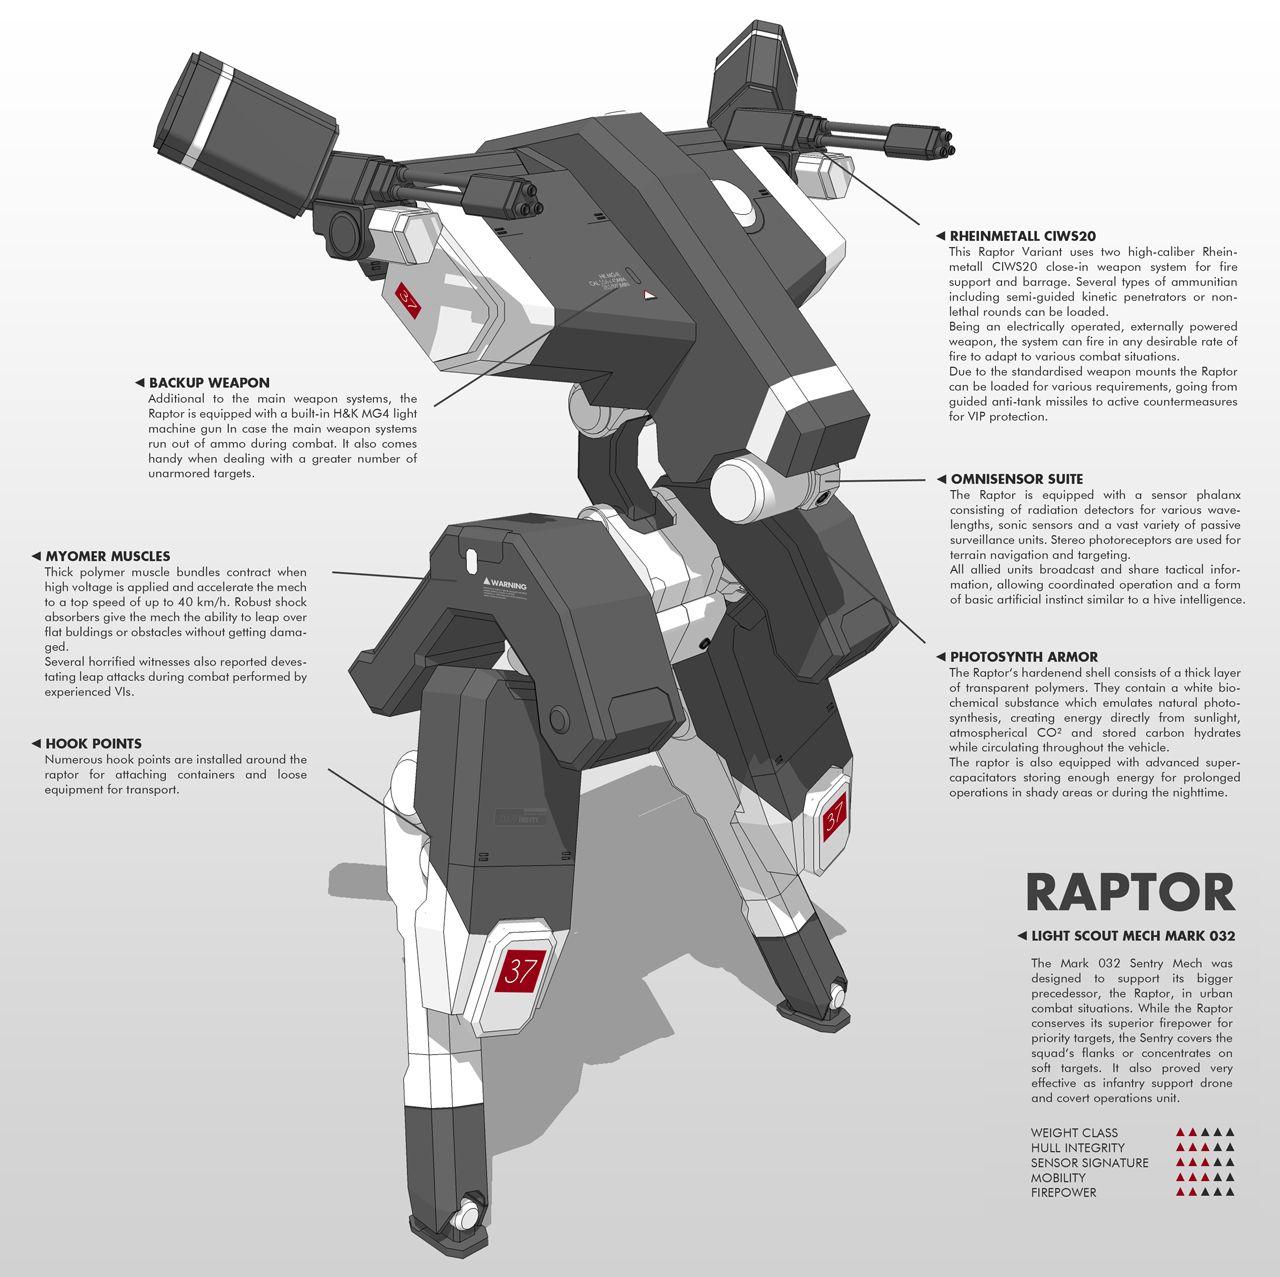 Pin By Ceze2ndgig On Robot Robots Concept Robot Concept Art Mech